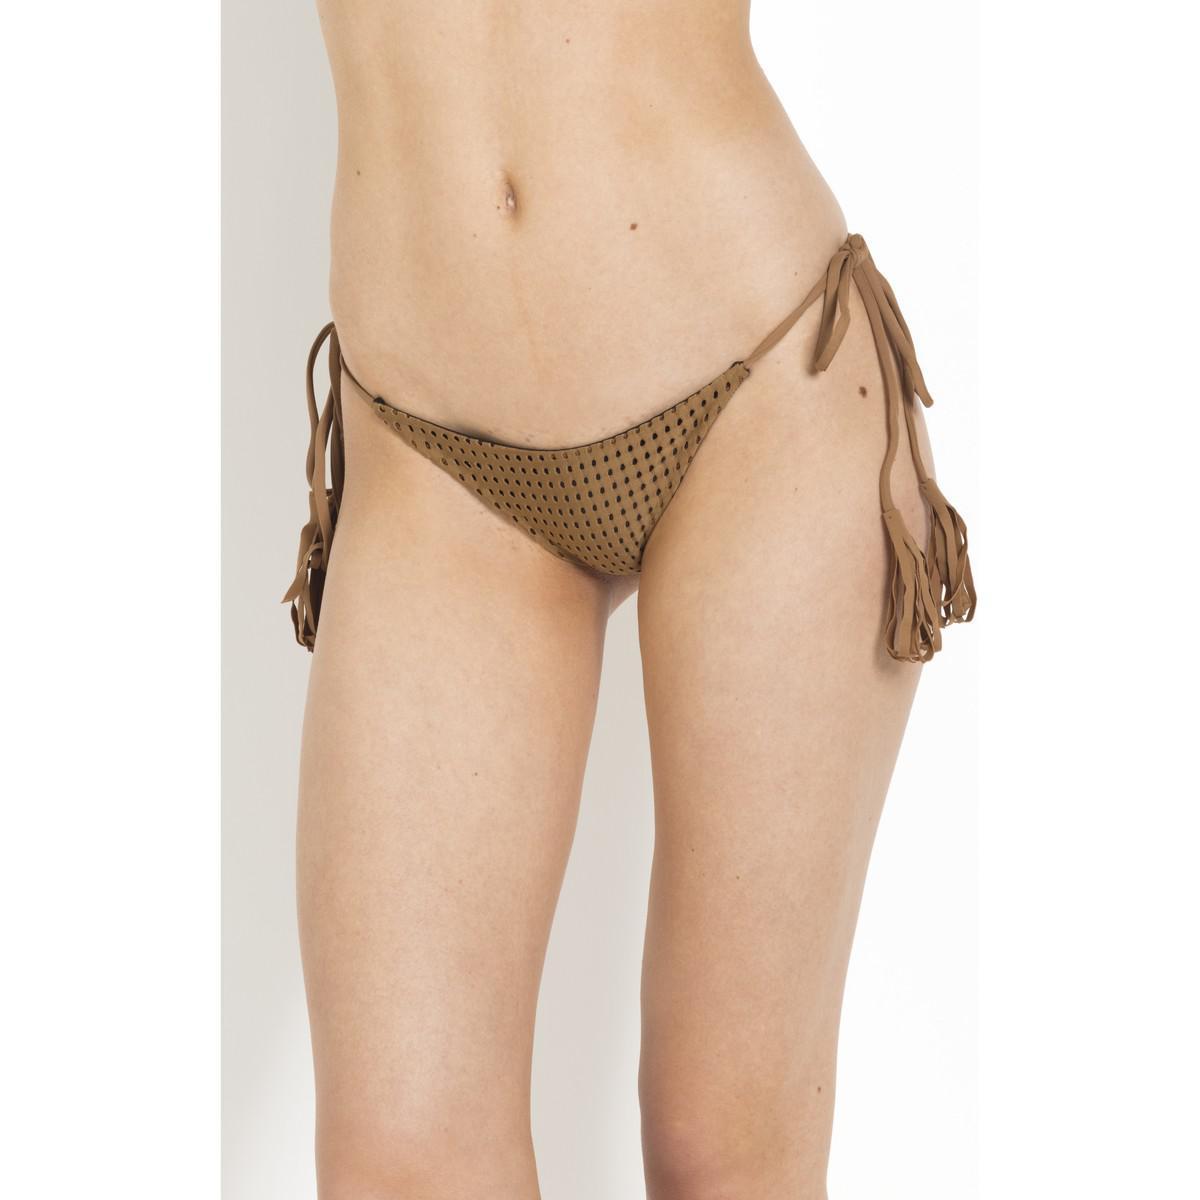 a4ae1660569a8 Acacia Swimwear - Bikini Bottom Braided Sides Acacia Beach Babe - Polihale  Women s In Brown for. View fullscreen